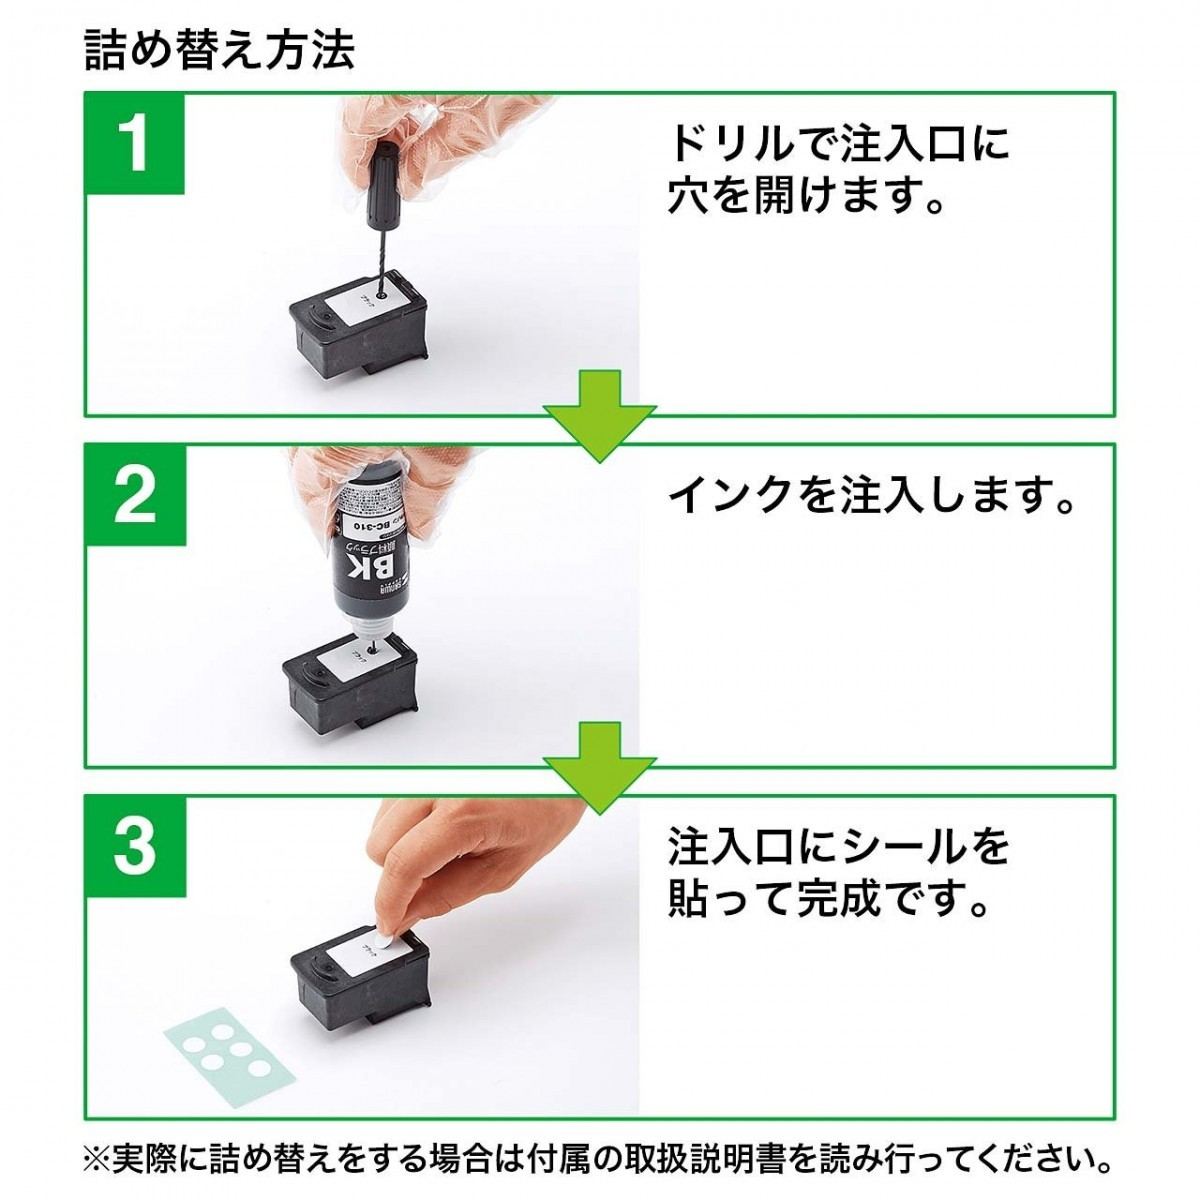 サンワサプライ 詰め替えインク INK-C310B60S(顔料ブラック・60ml)の商品画像|3